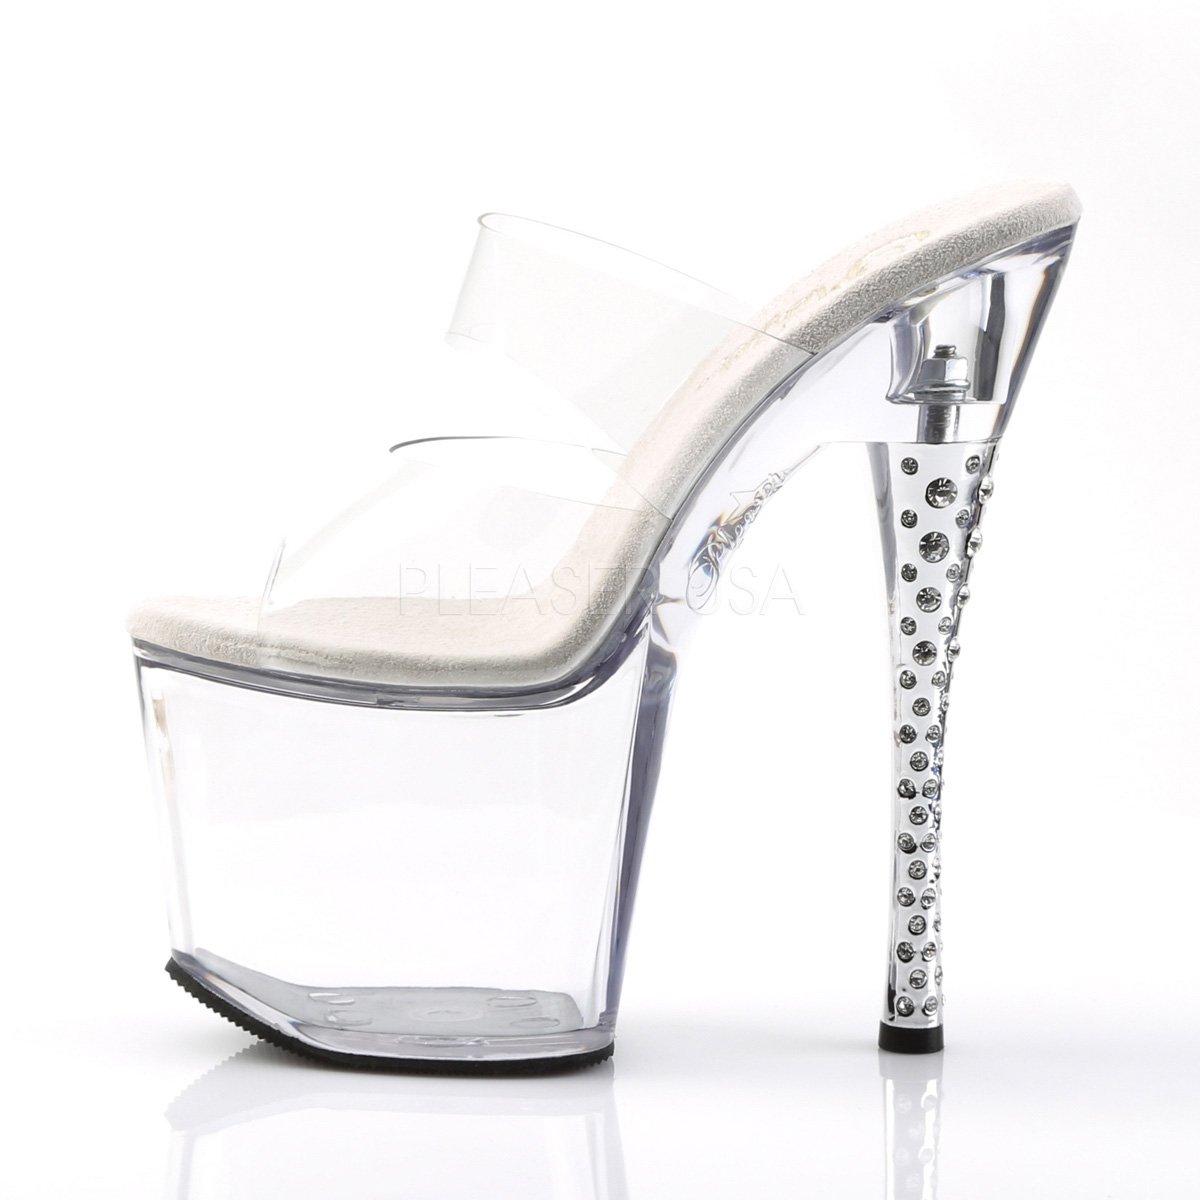 Higher-Heels PleaserUSA Gogo-Platform Gogo-Platform Gogo-Platform Diamond-702 Klar/Klar b70139